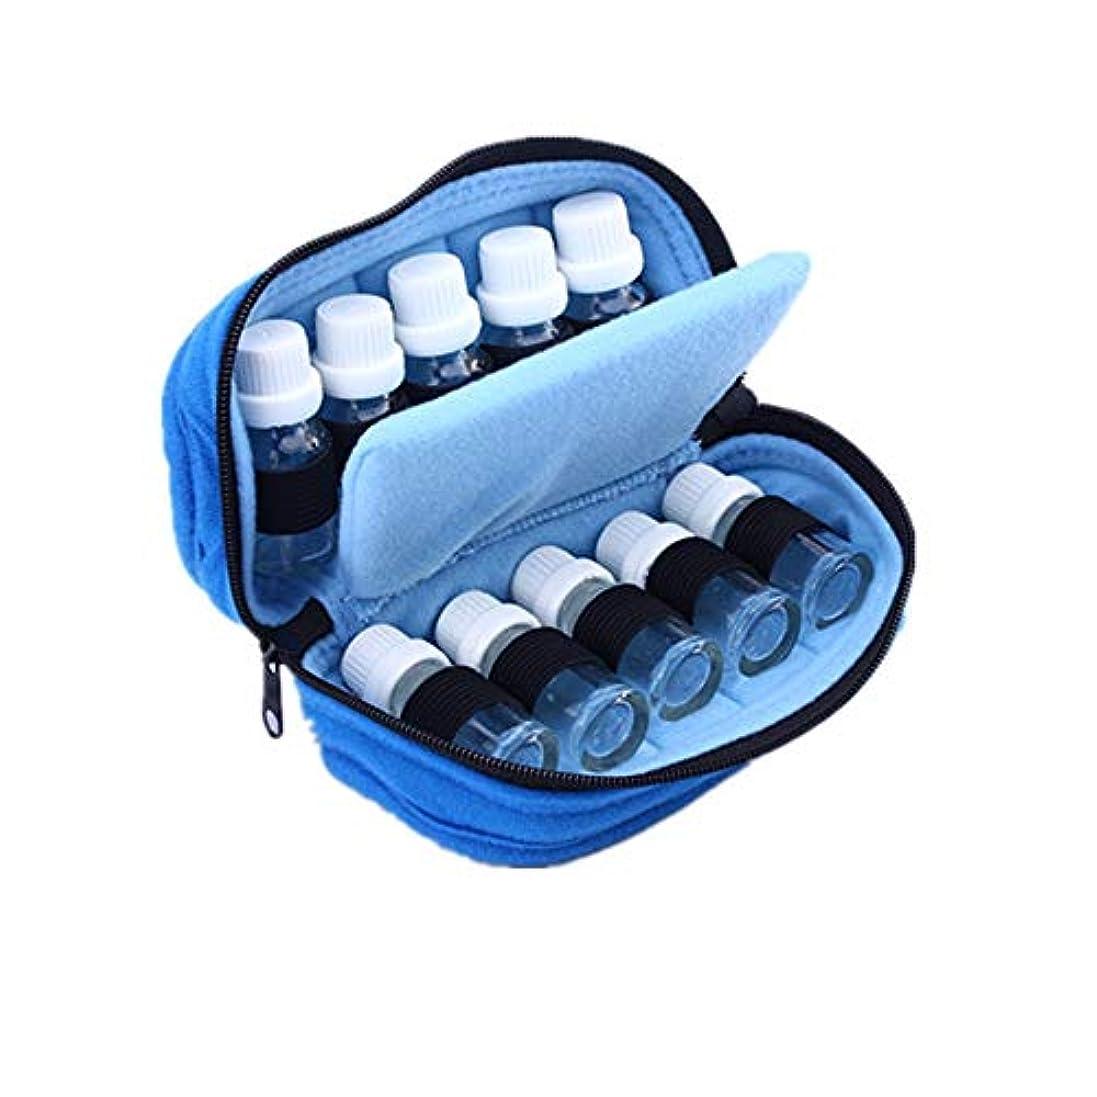 恐れるビザ全体エッセンシャルオイルストレージボックス ケース収納キャリング10ボトルエッセンシャルオイルは、15mlのトラベルオーガナイザーポーチバッグブルーに適合します 旅行およびプレゼンテーション用 (色 : 青, サイズ : 18X10X7.5CM)